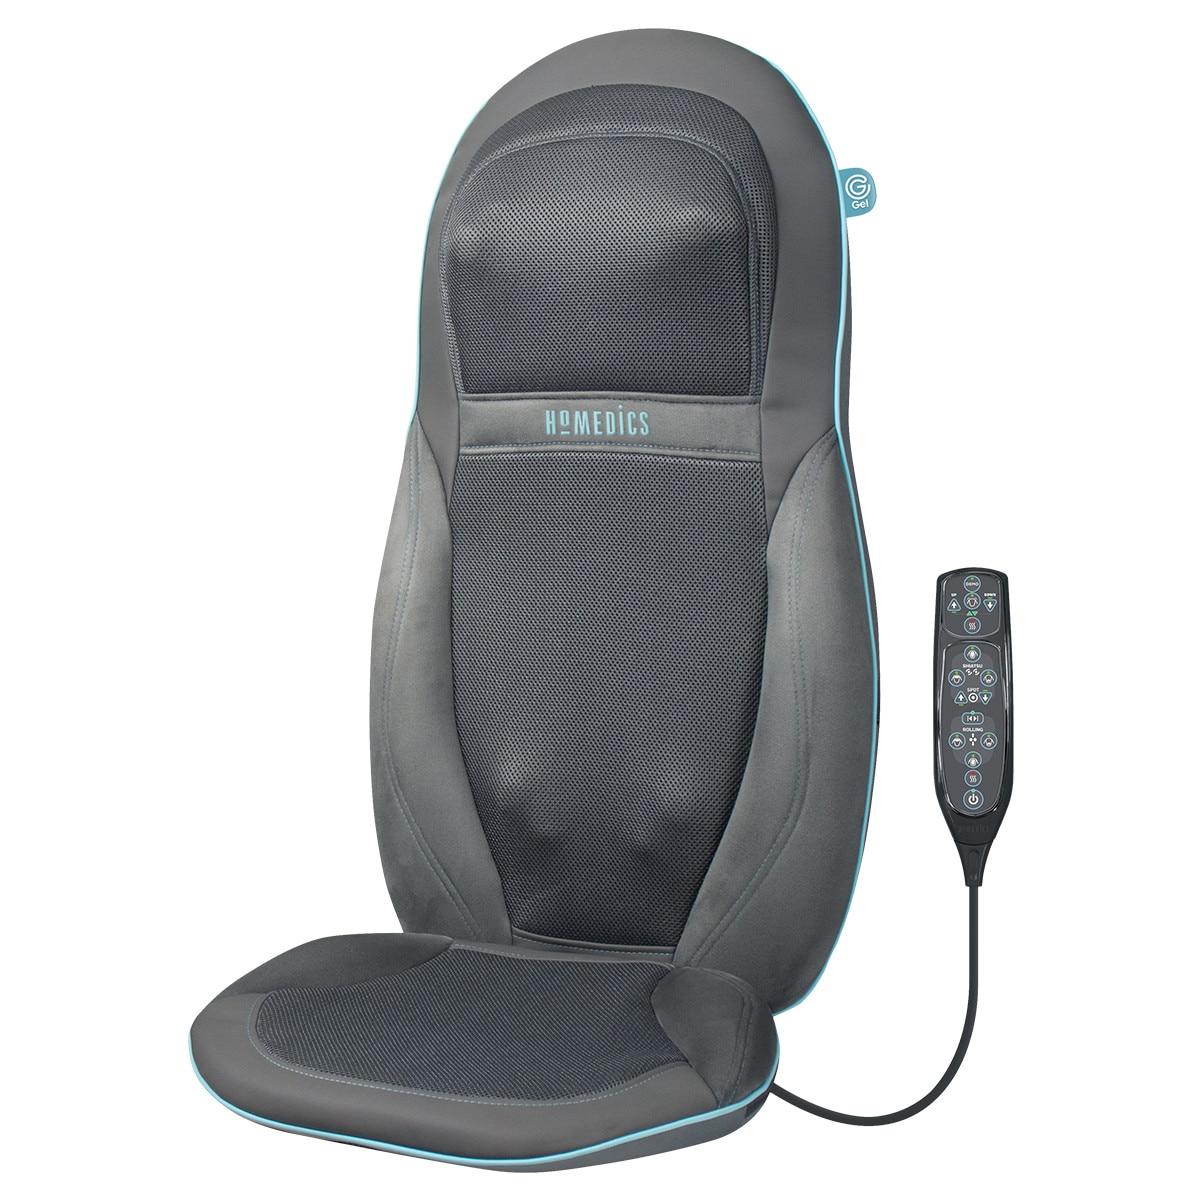 Fotografie Husa de scaun cu masaj Shiatsu, pentru spate si umeri cu gel, SGM-1600H-EU, HoMedics, 6 programe presetate, functie caldura, telecomanda, Gri